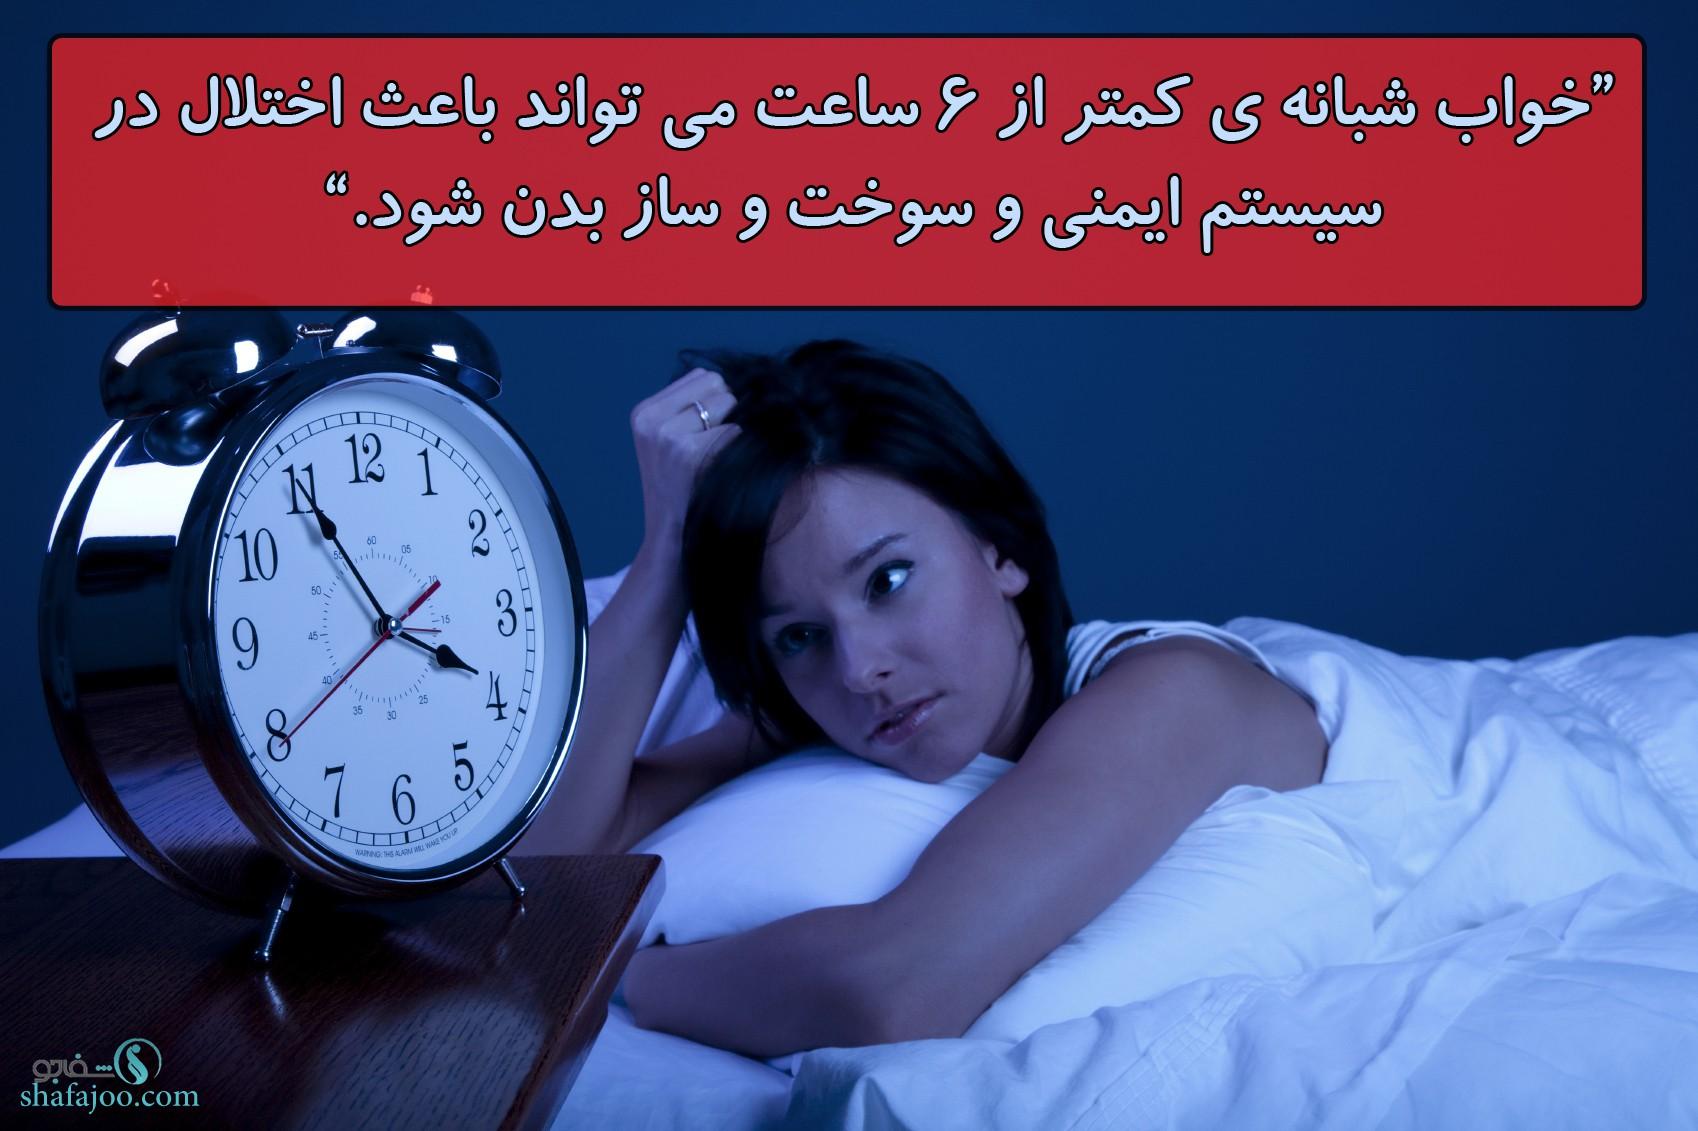 کمبود خواب باعث اختلال در سیستم ایمنی بدن